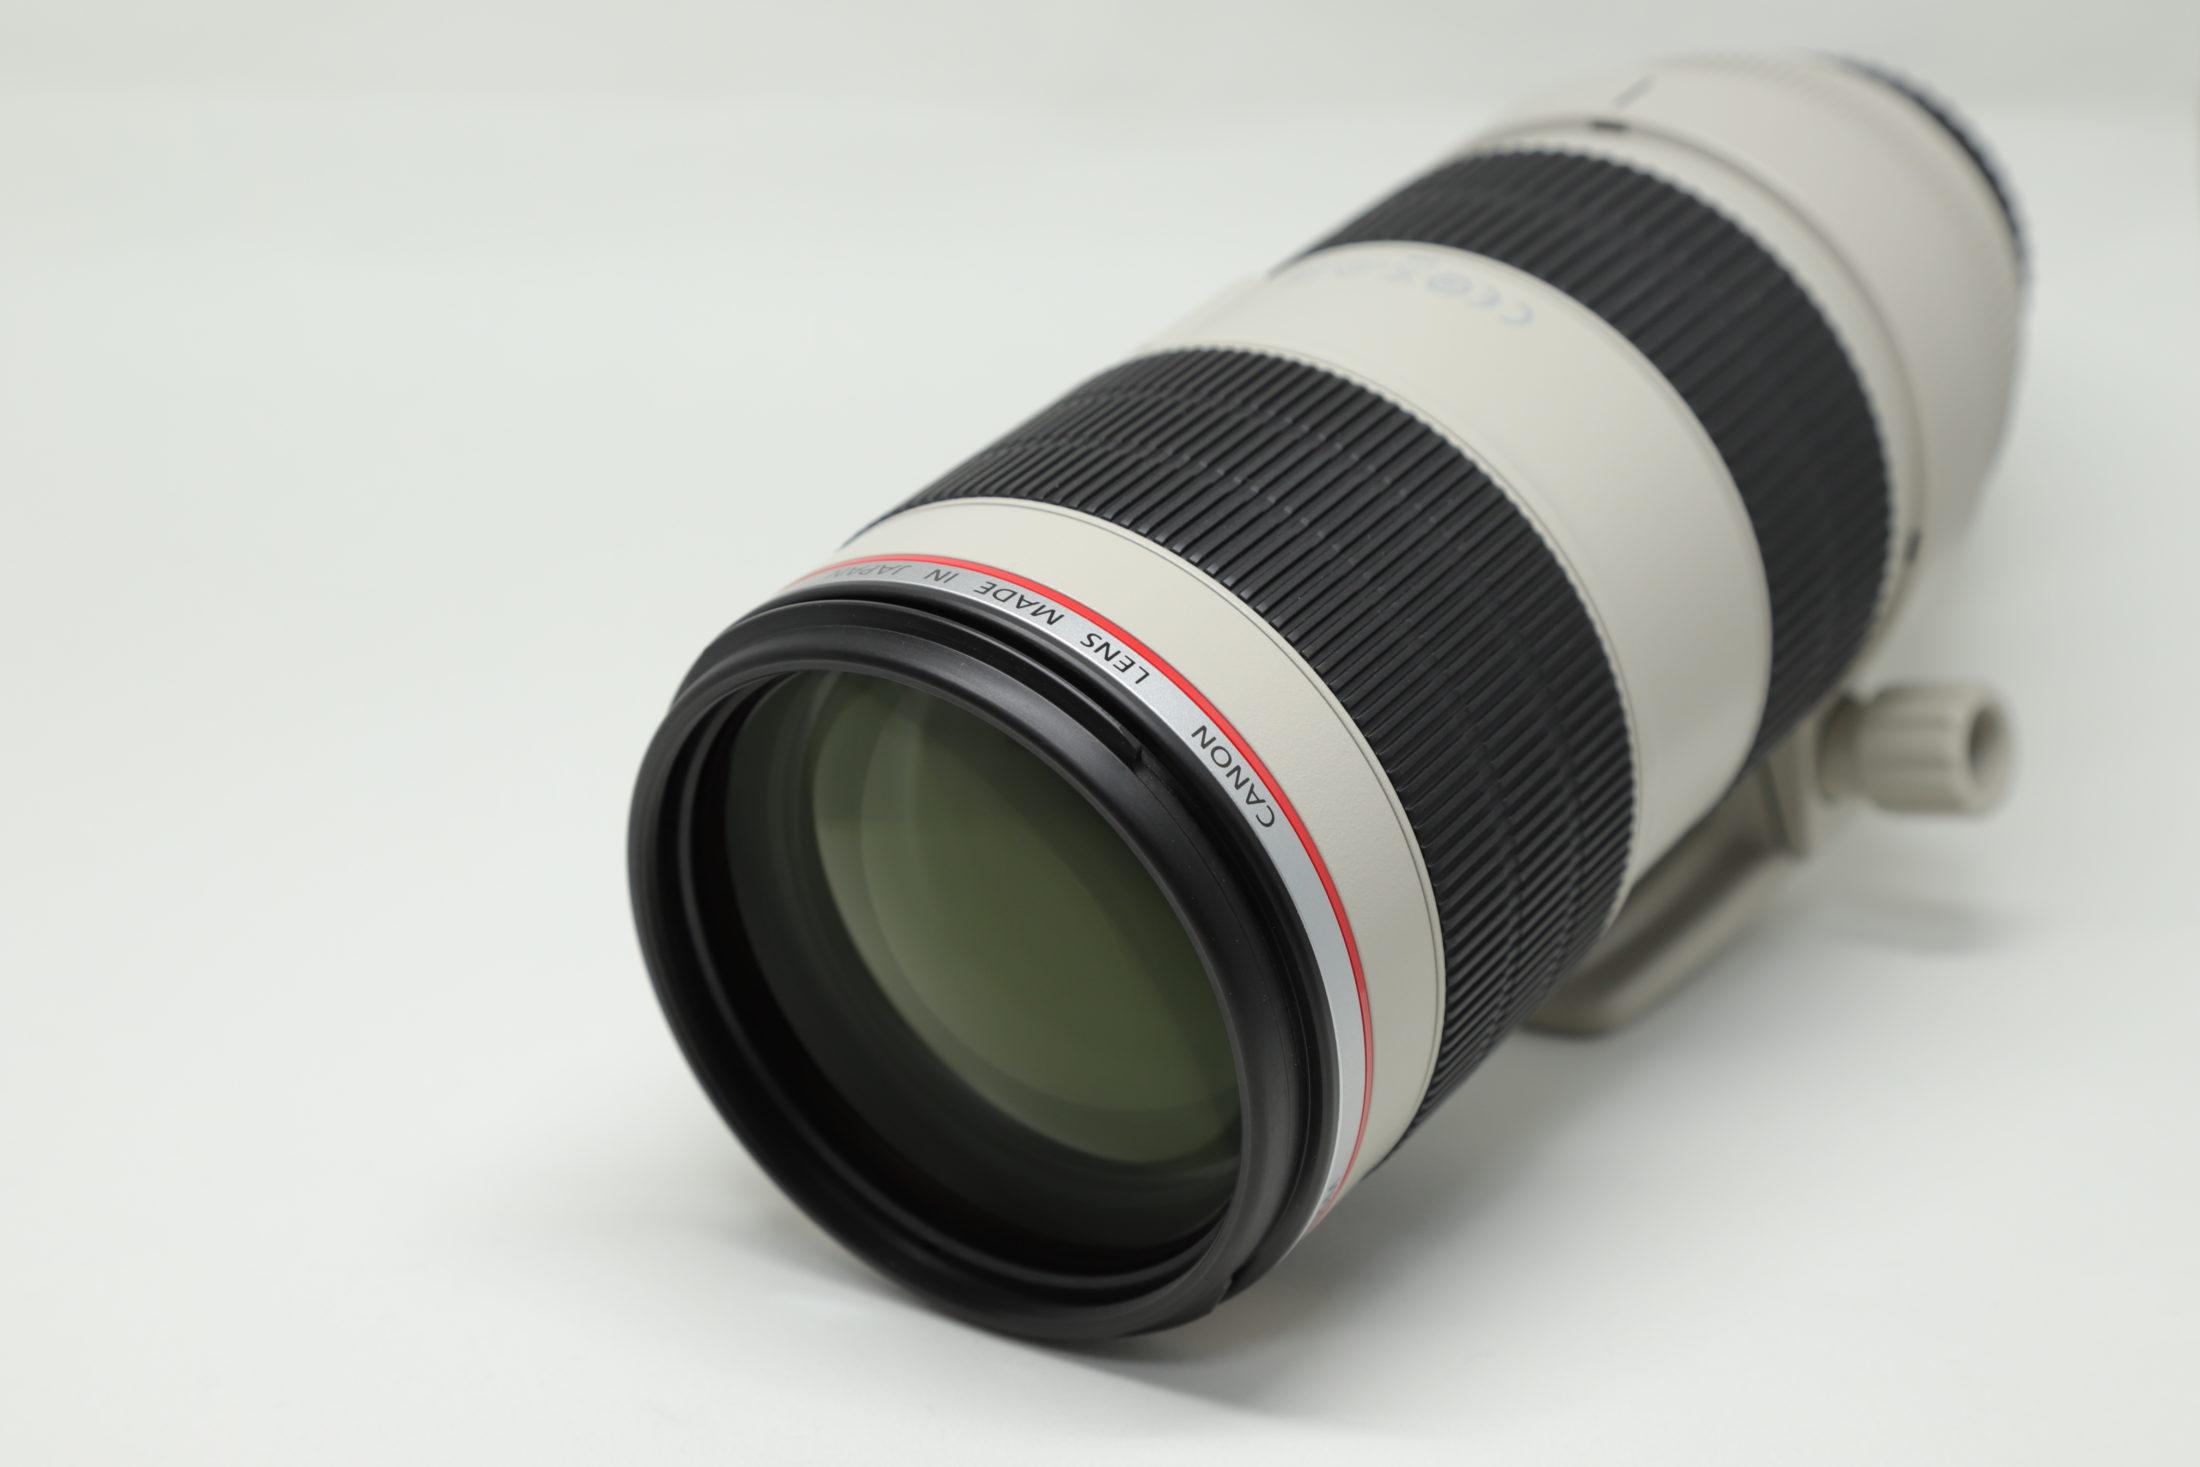 【レビュー】Canon EF70-200mm F2.8L IS USMⅡの実写作例